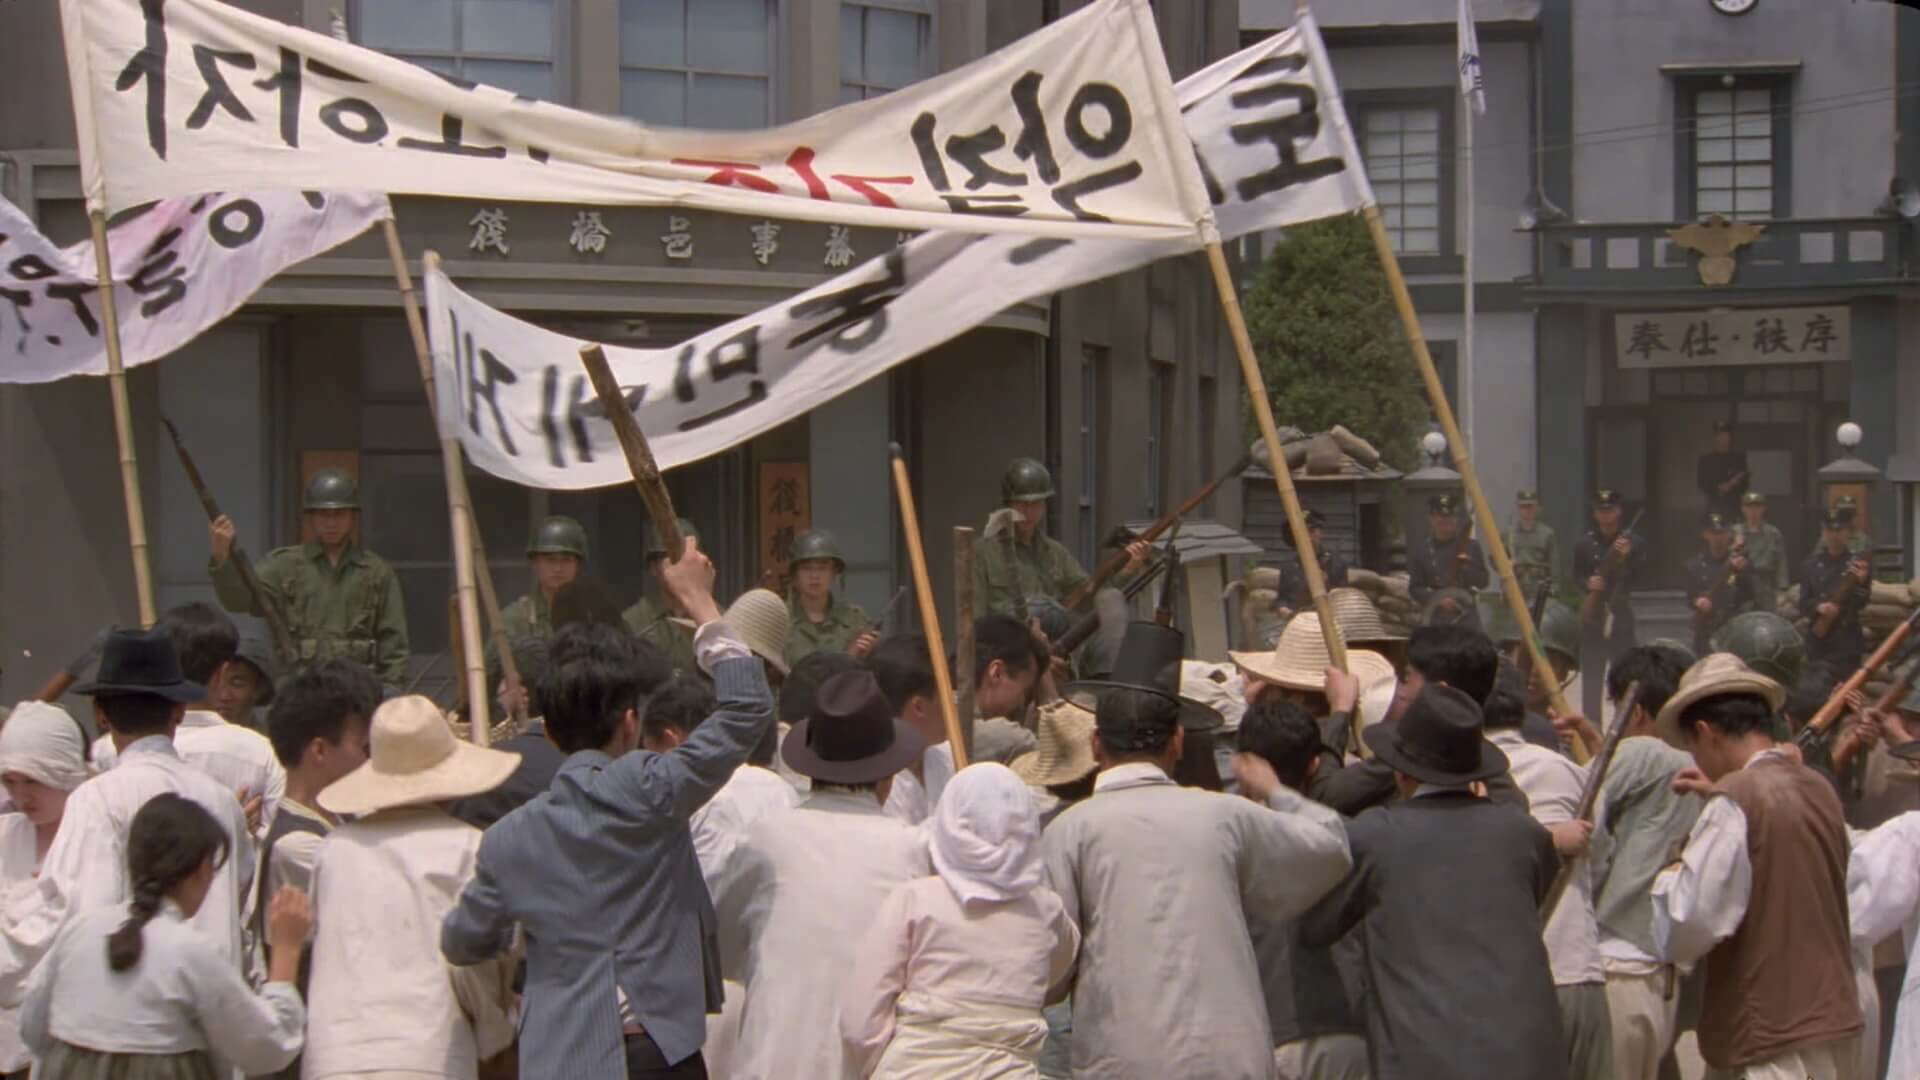 The-Taebaek-Mountains-1994-1080p-Blu-ray-AVC-DTS-HD-MA-2-0-ARi-N-20190412-153928-138